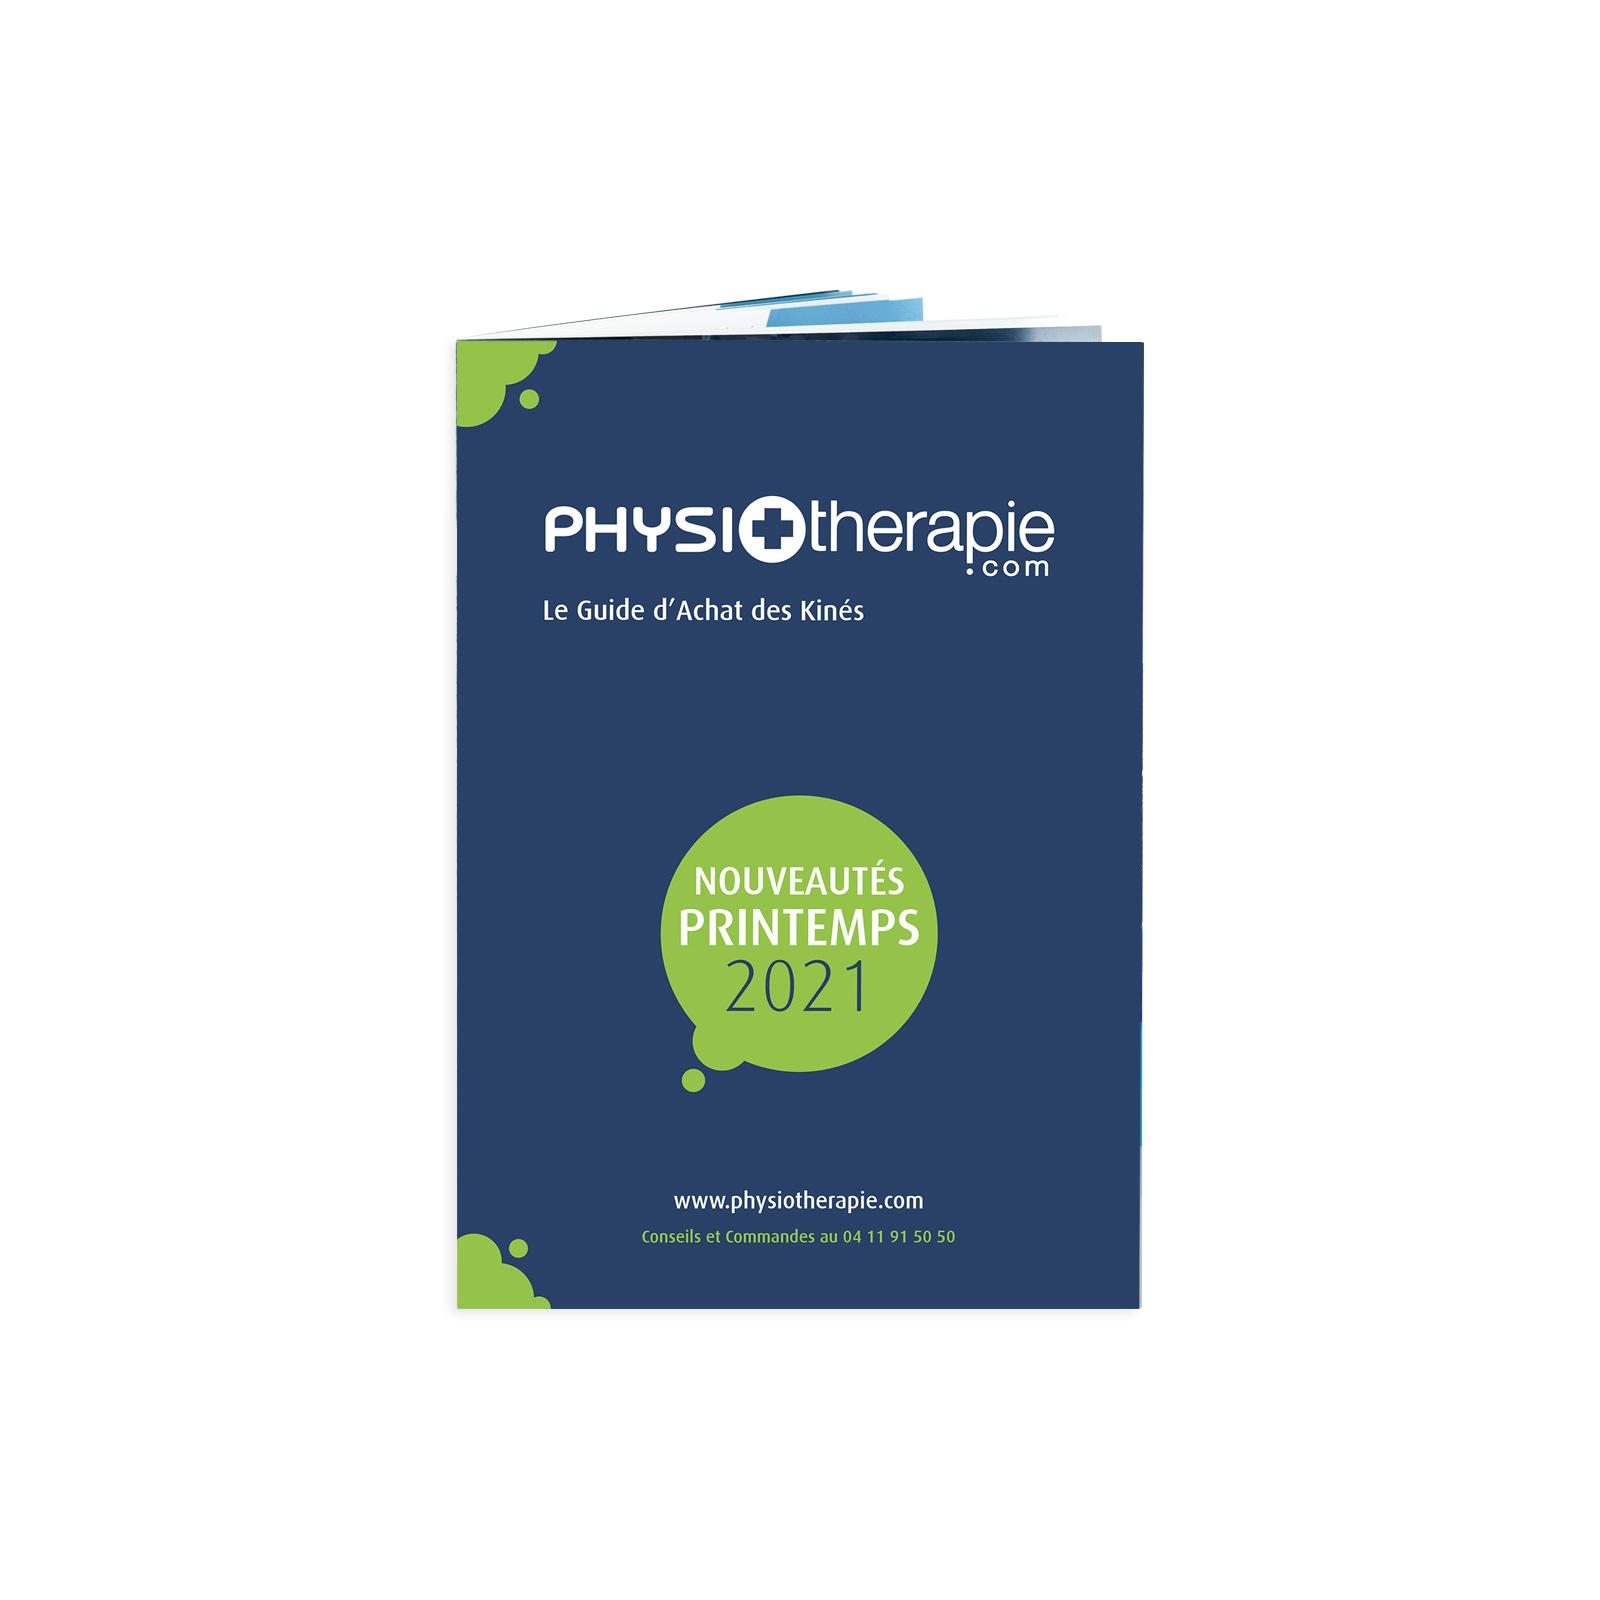 Catalogue Nouveauté Printemps 2021 Physiotherapie.com